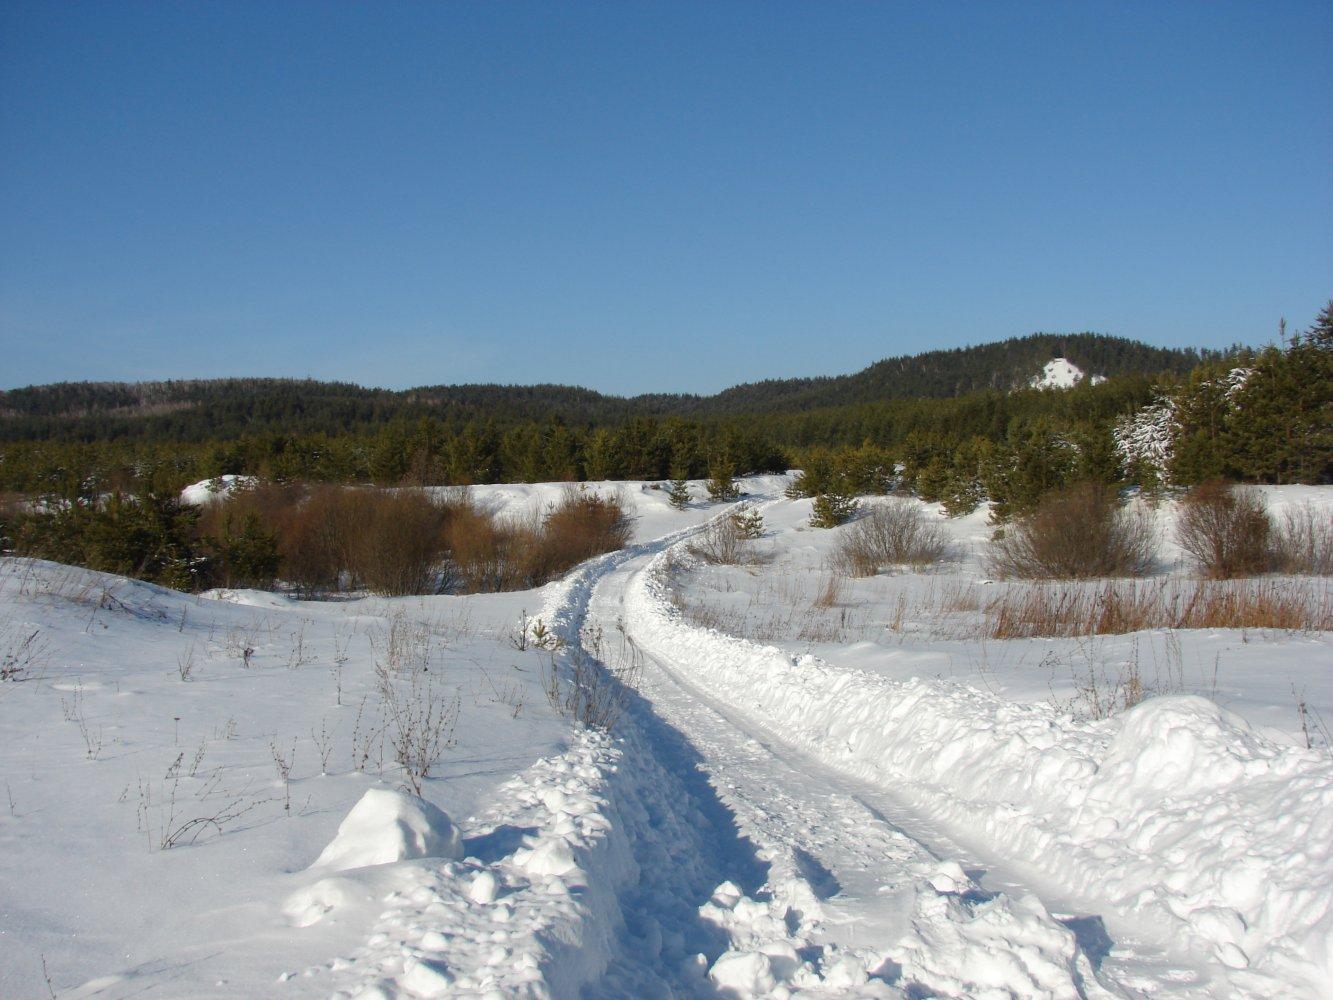 Фото DSC04843.JPG. Россия, Ульяновская область, Unnamed Road